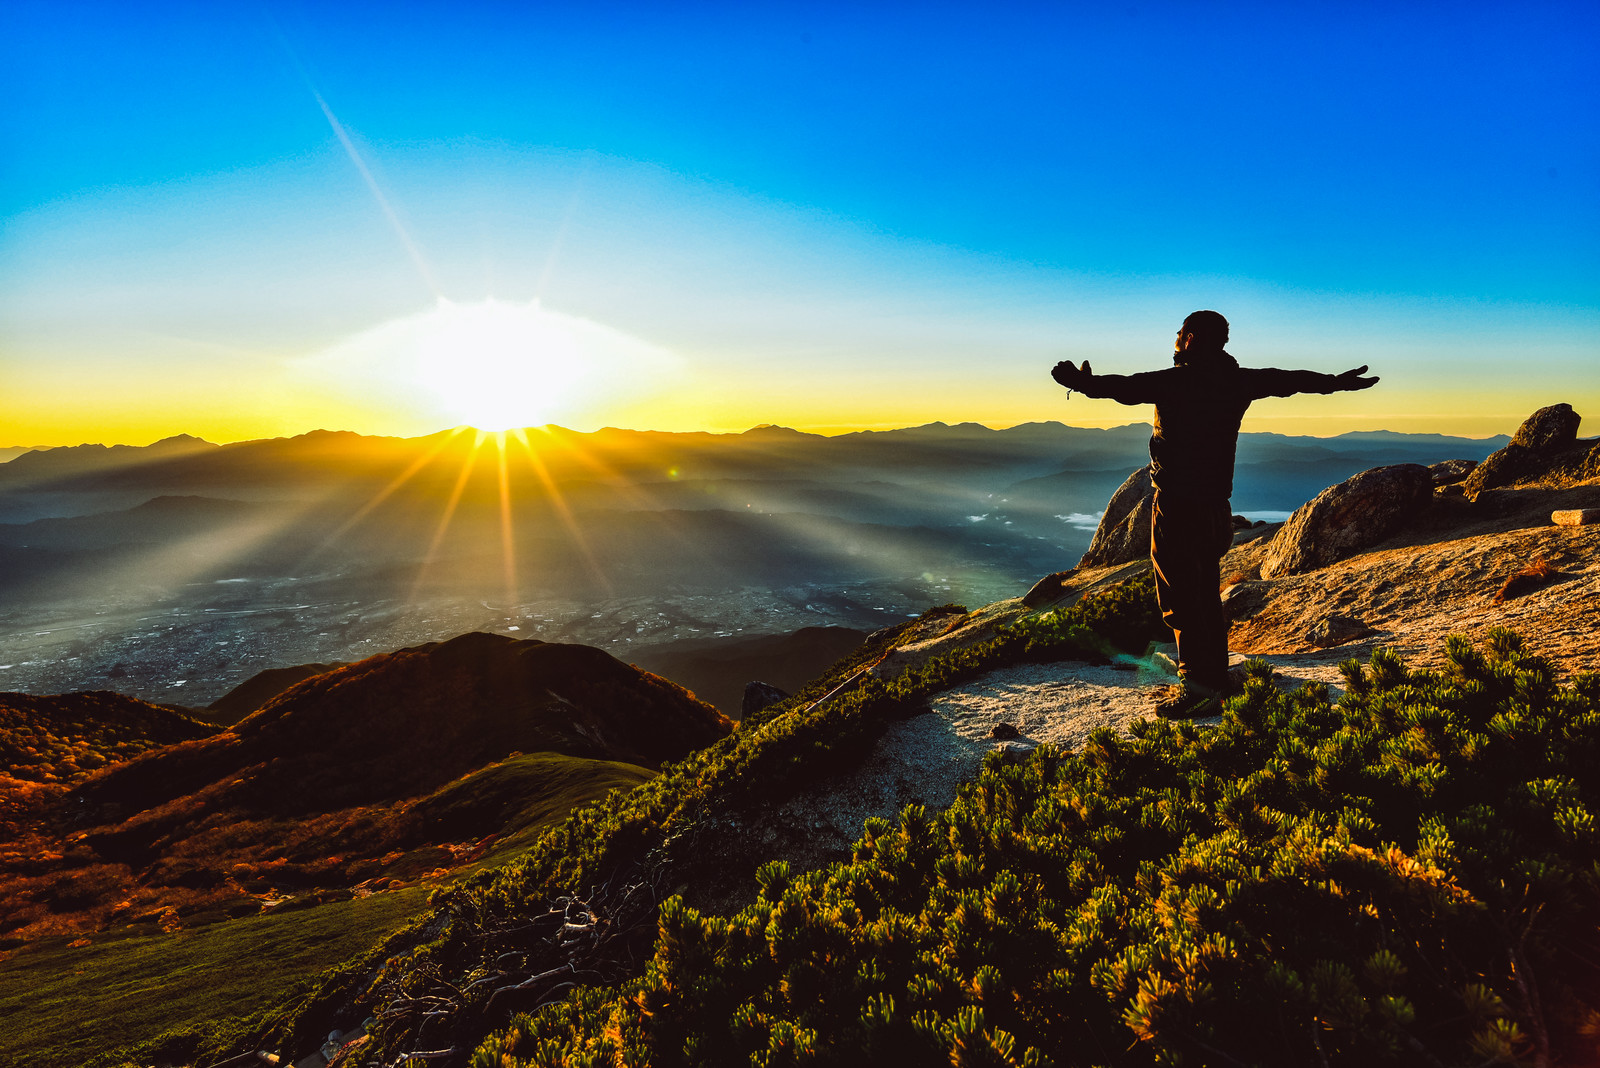 「朝日を全身に浴びる登山者」の写真